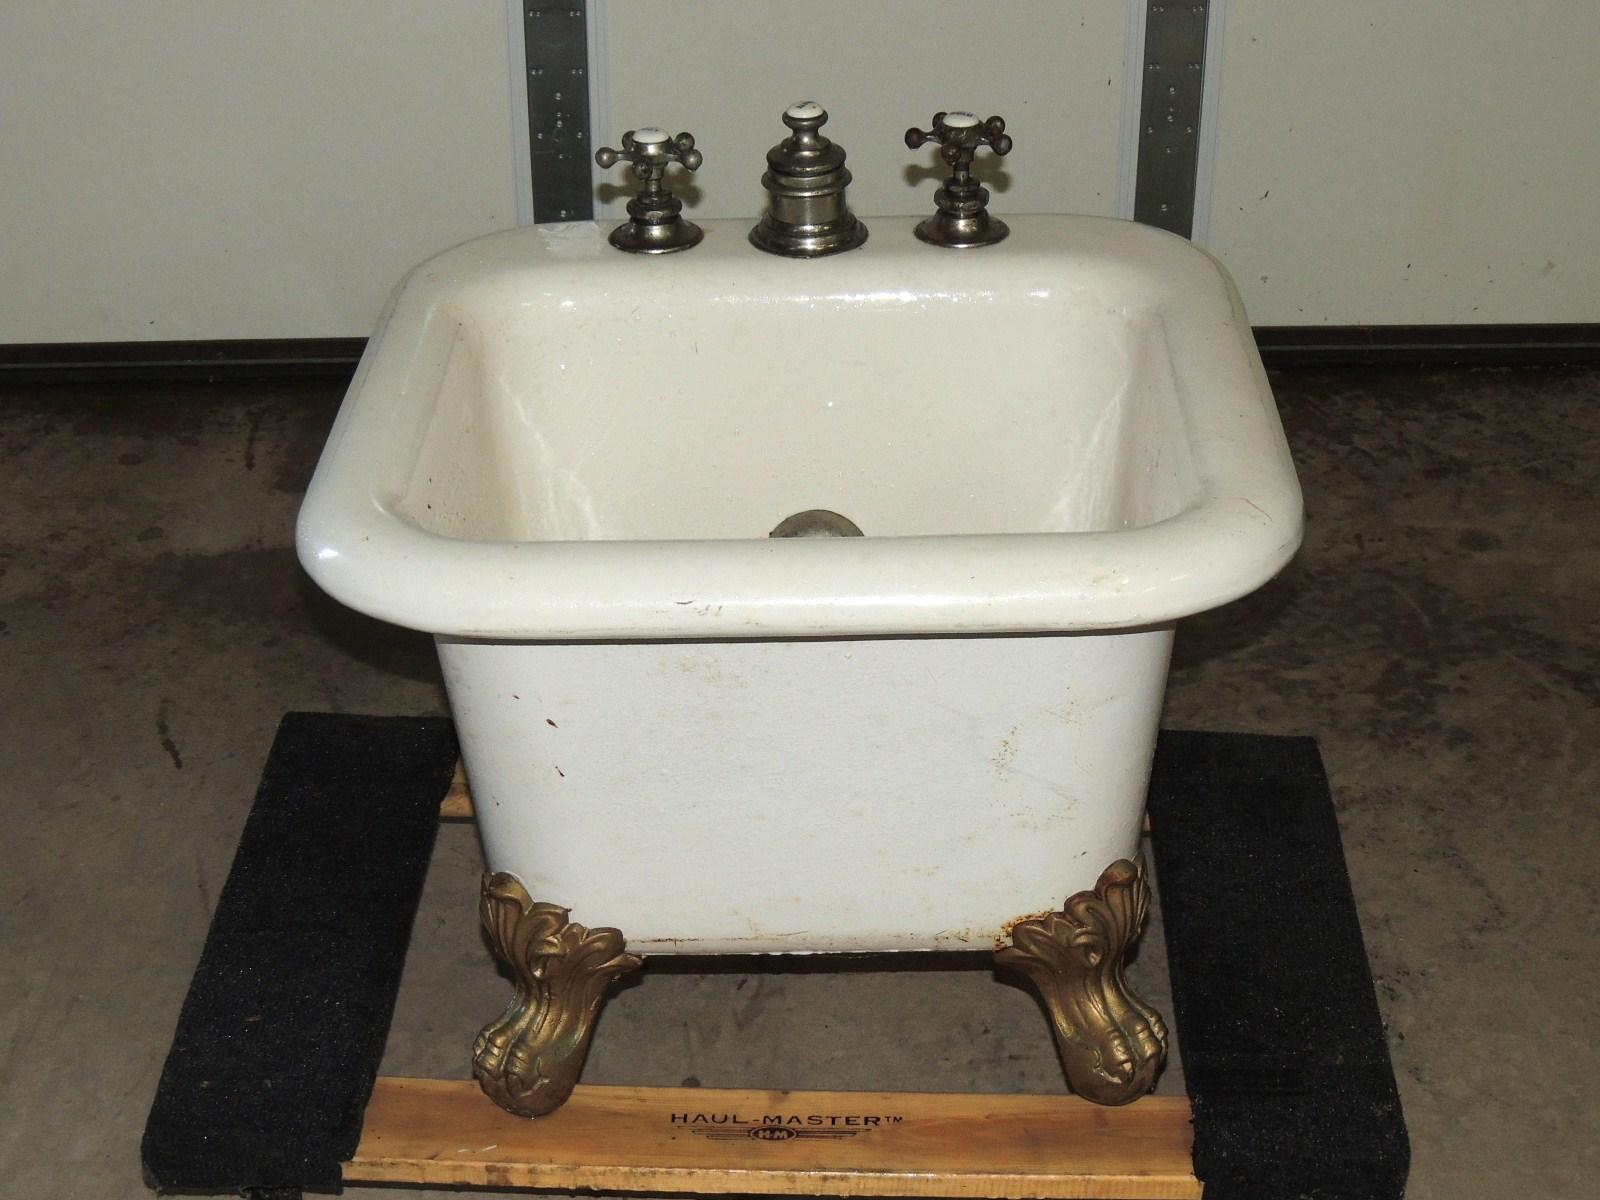 cast iron porcelain bathtub